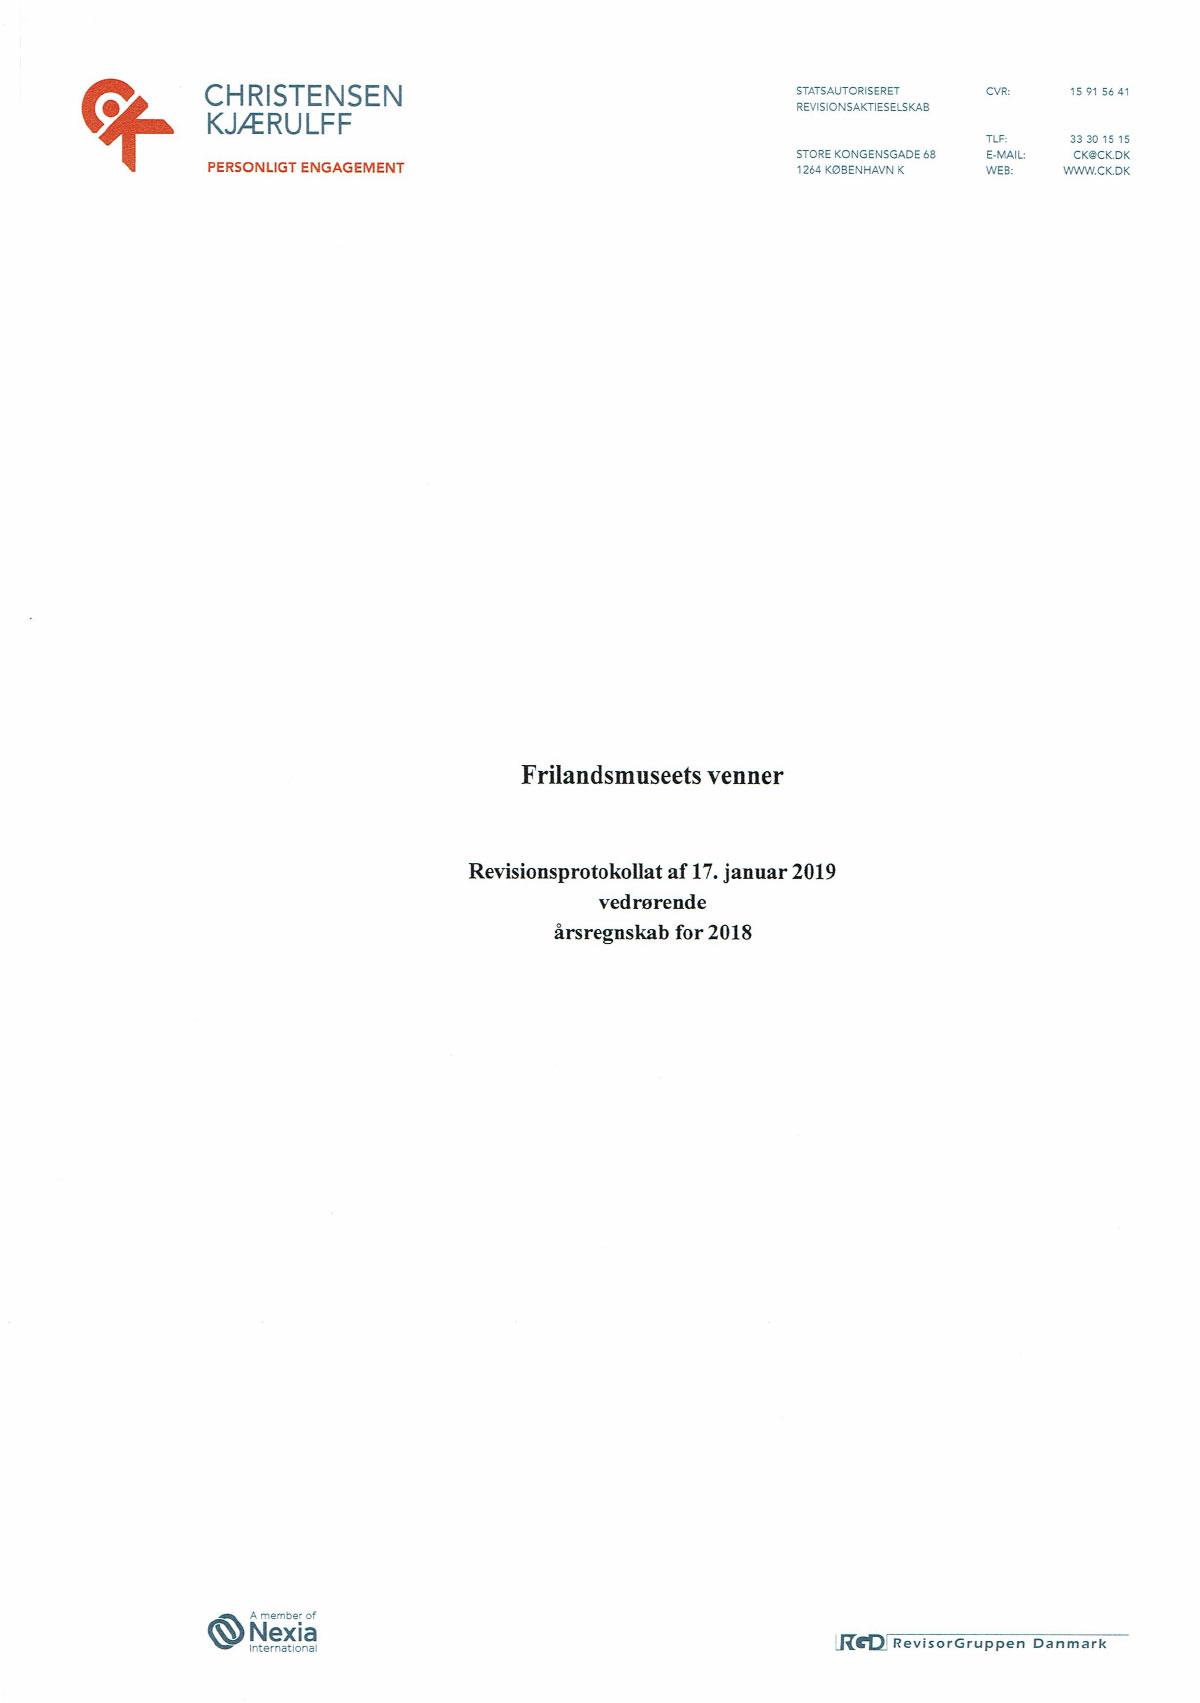 Revisionsprotokollat vedrørende årsregnskab 2018 -